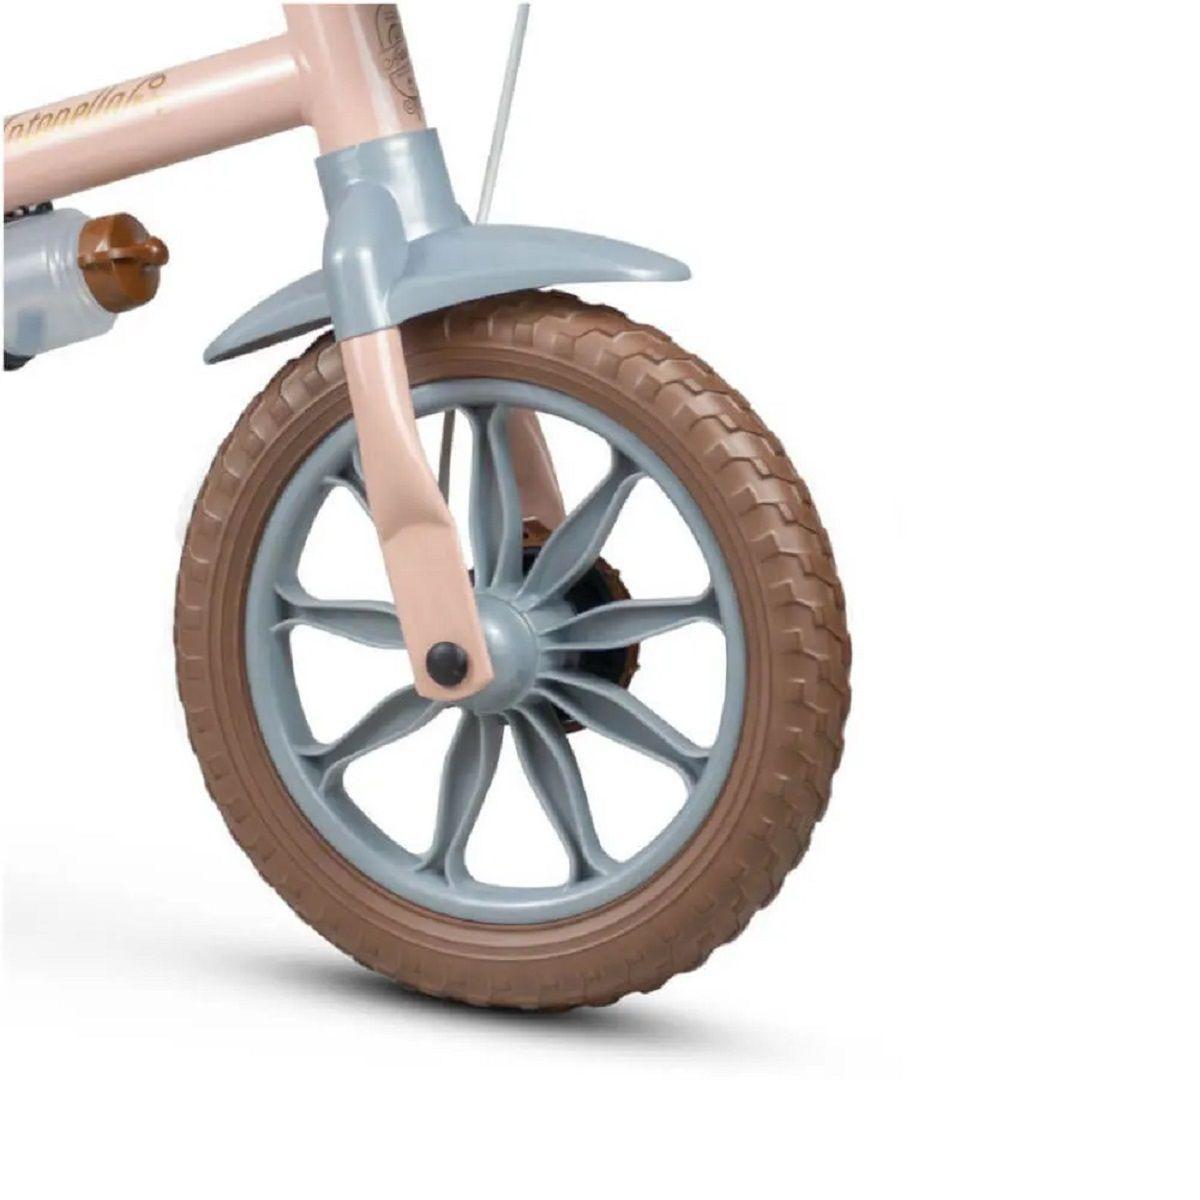 Bicicleta infantil aro 12 antonella baby com cestinha - Nathor